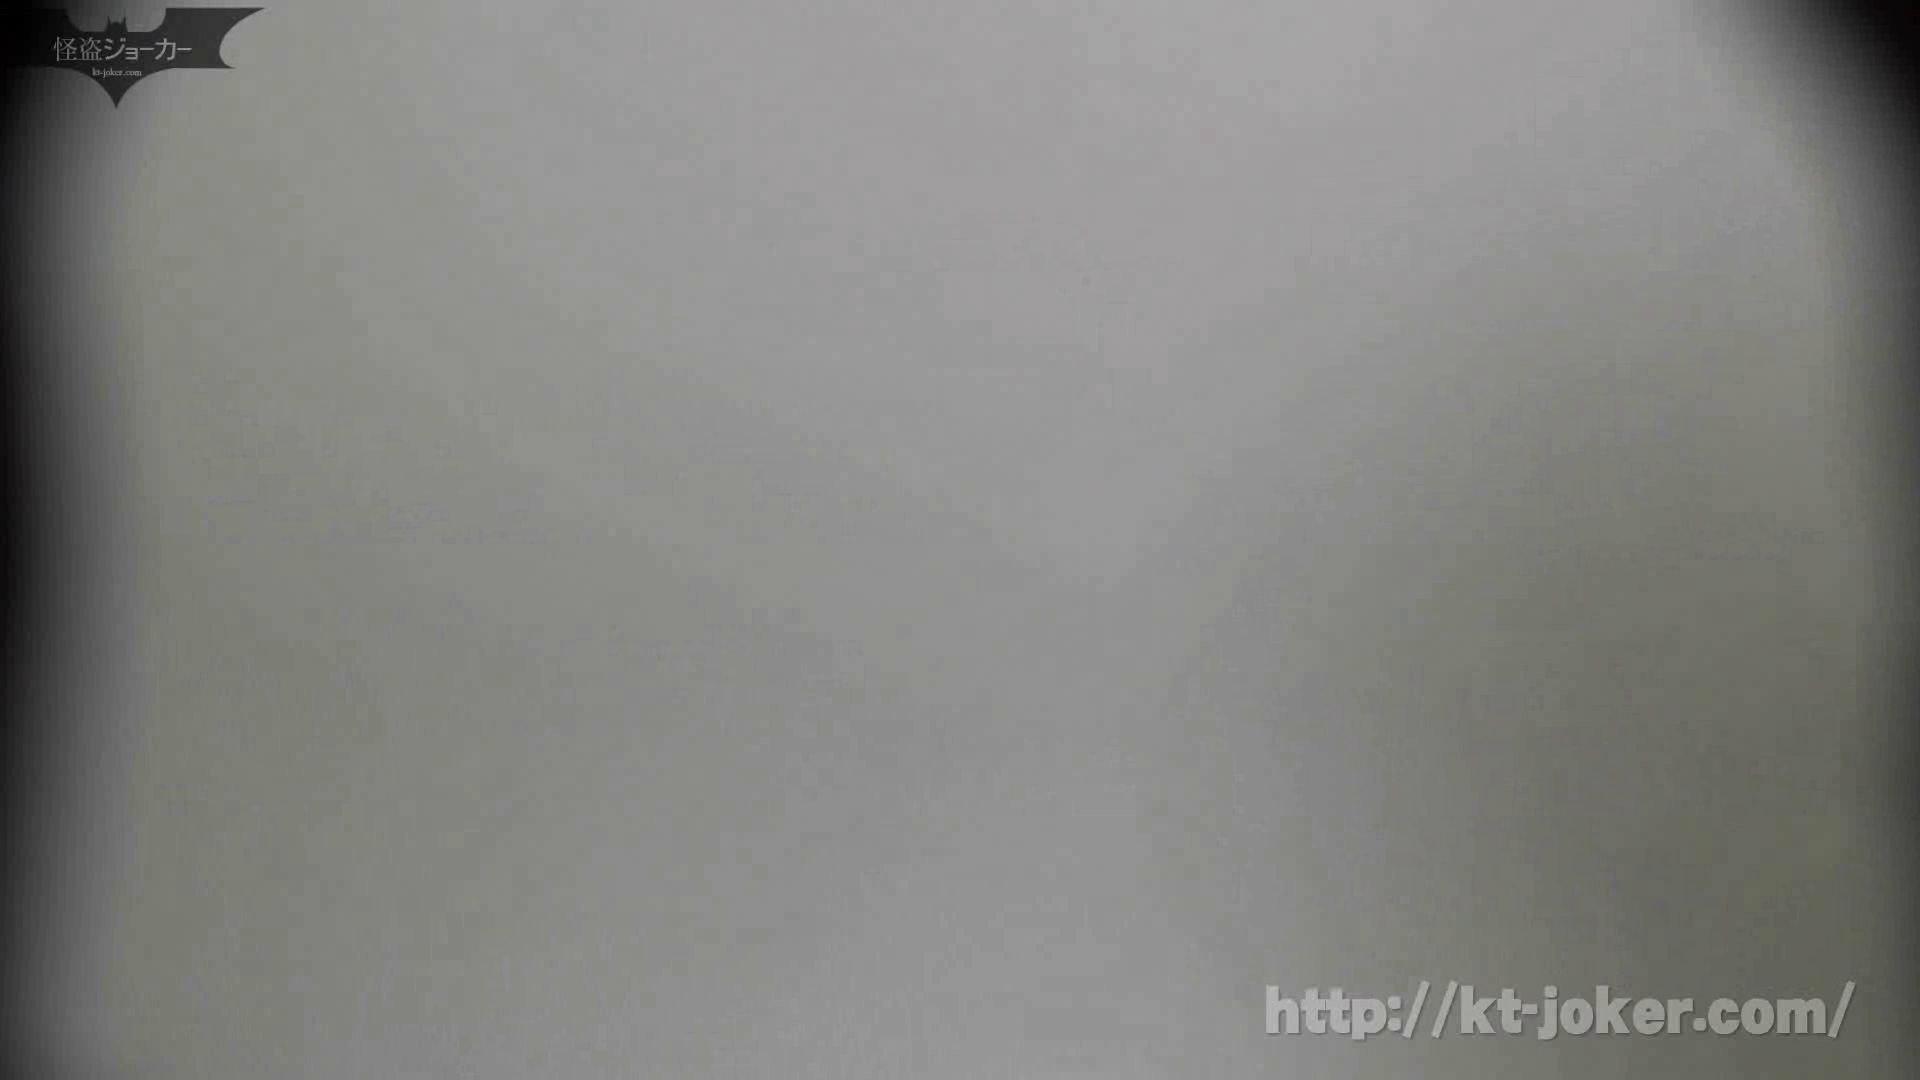 命がけ潜伏洗面所! vol.49 高値更新!EUで育った日本人 洗面所はめどり | エロティックなOL  98画像 40